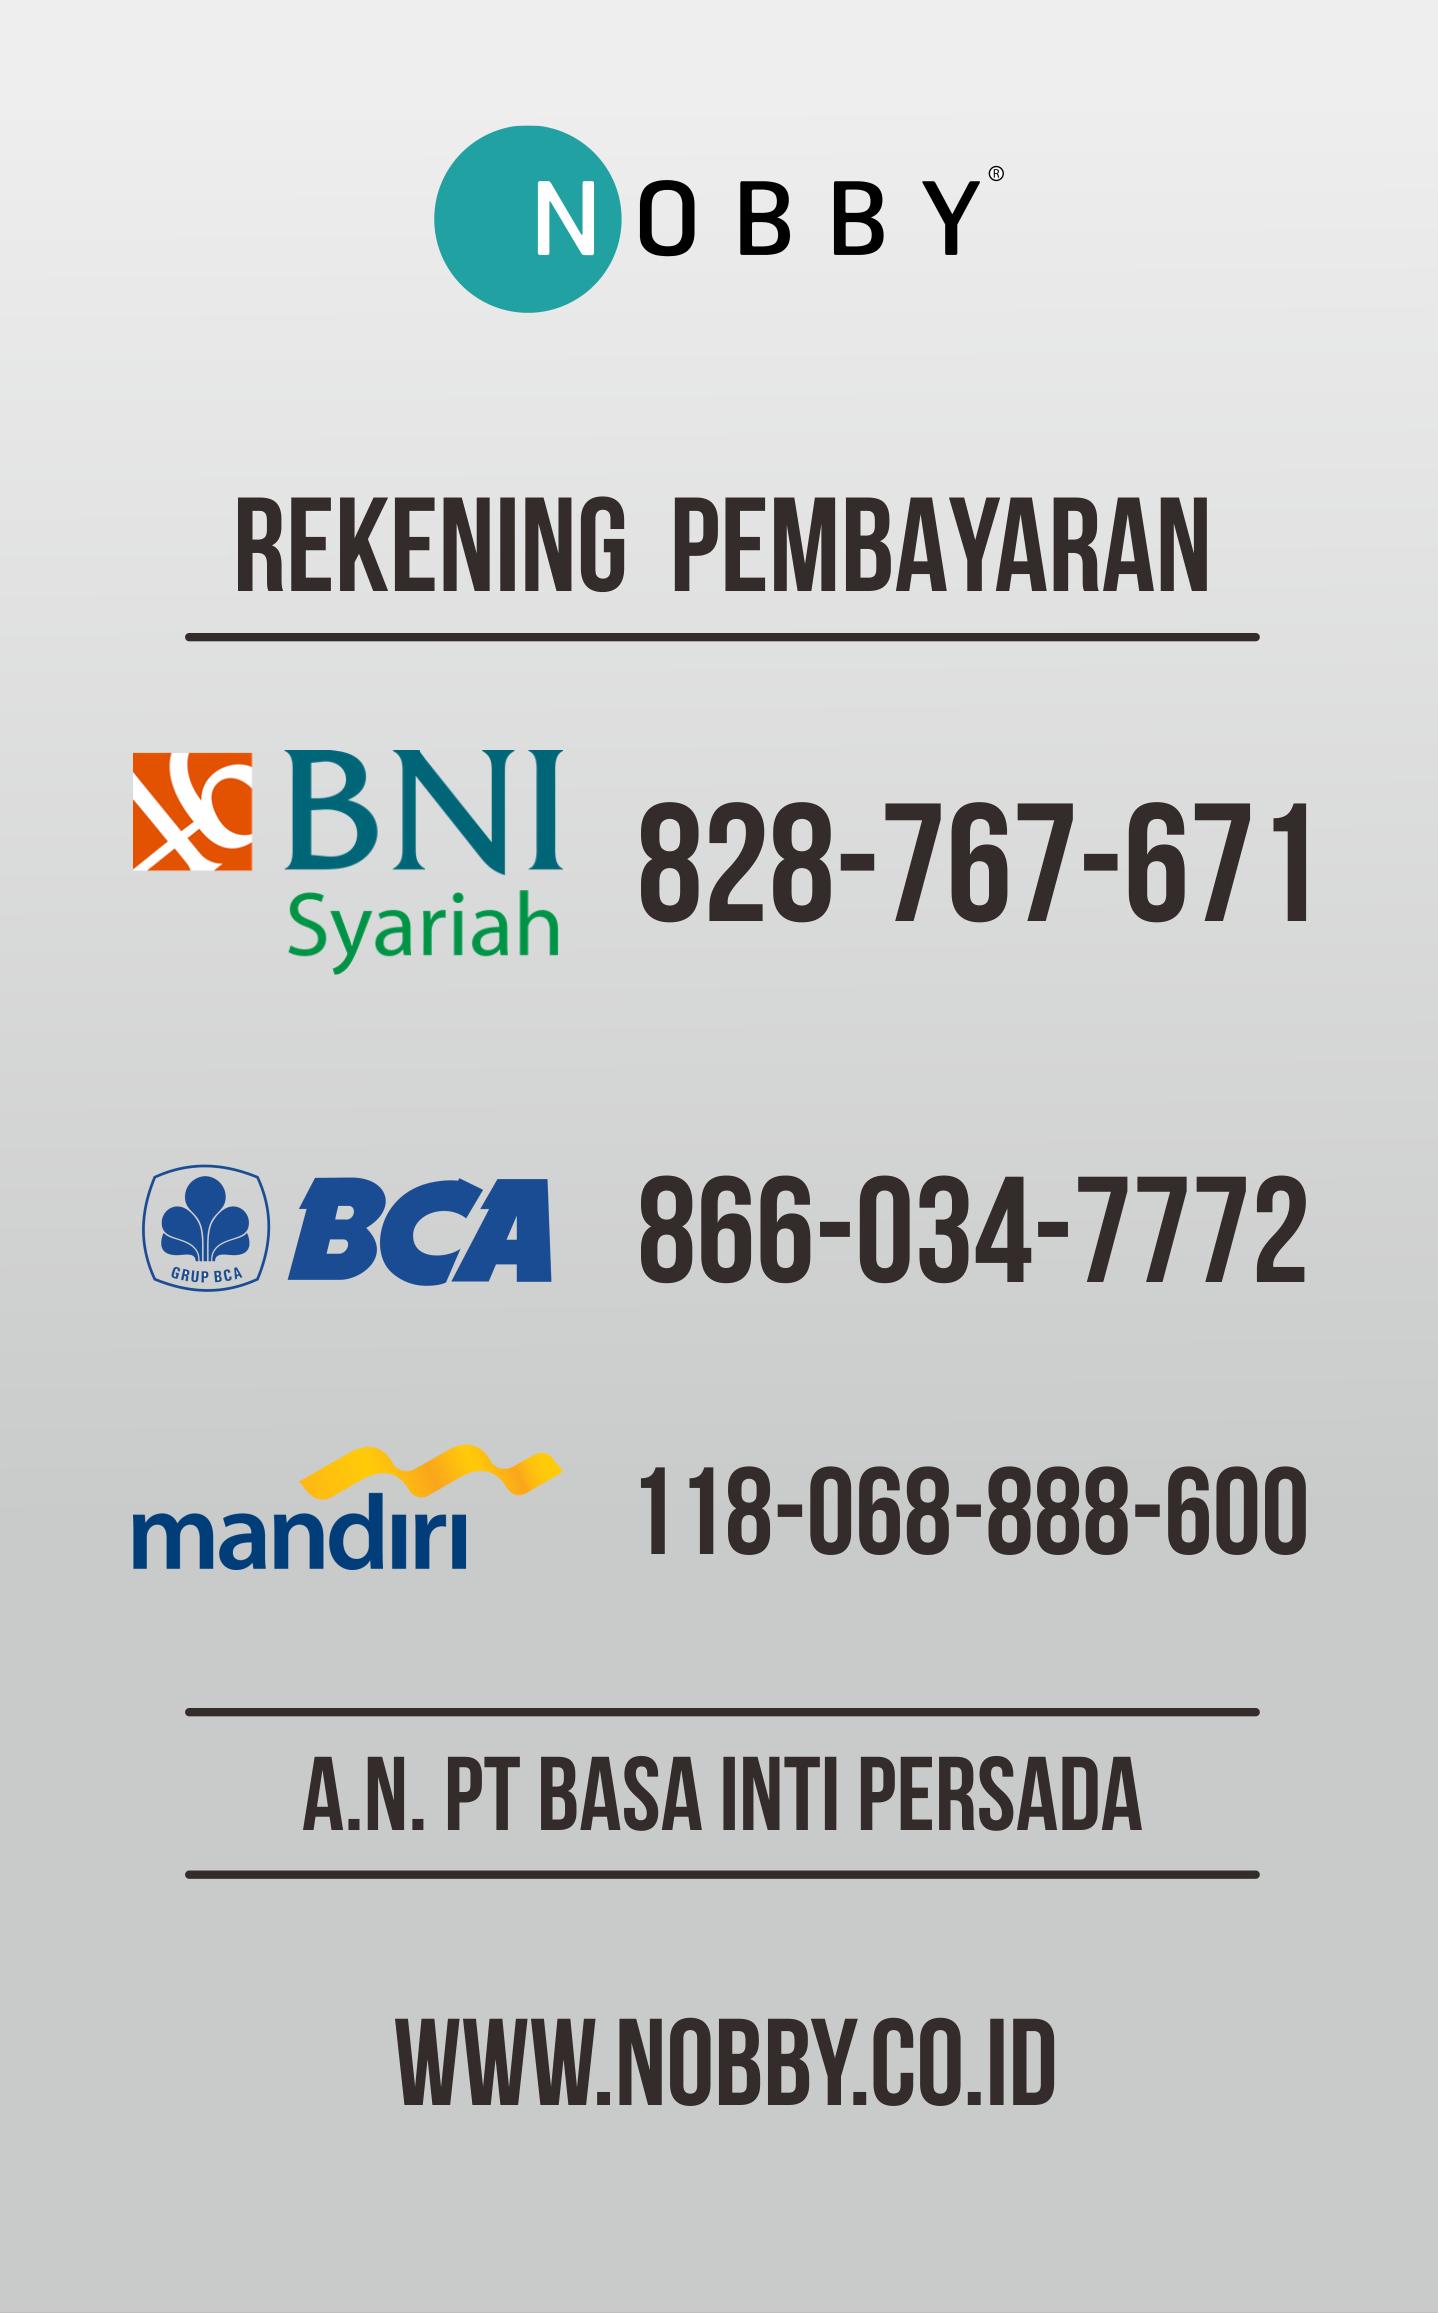 Bank2-min_1.png